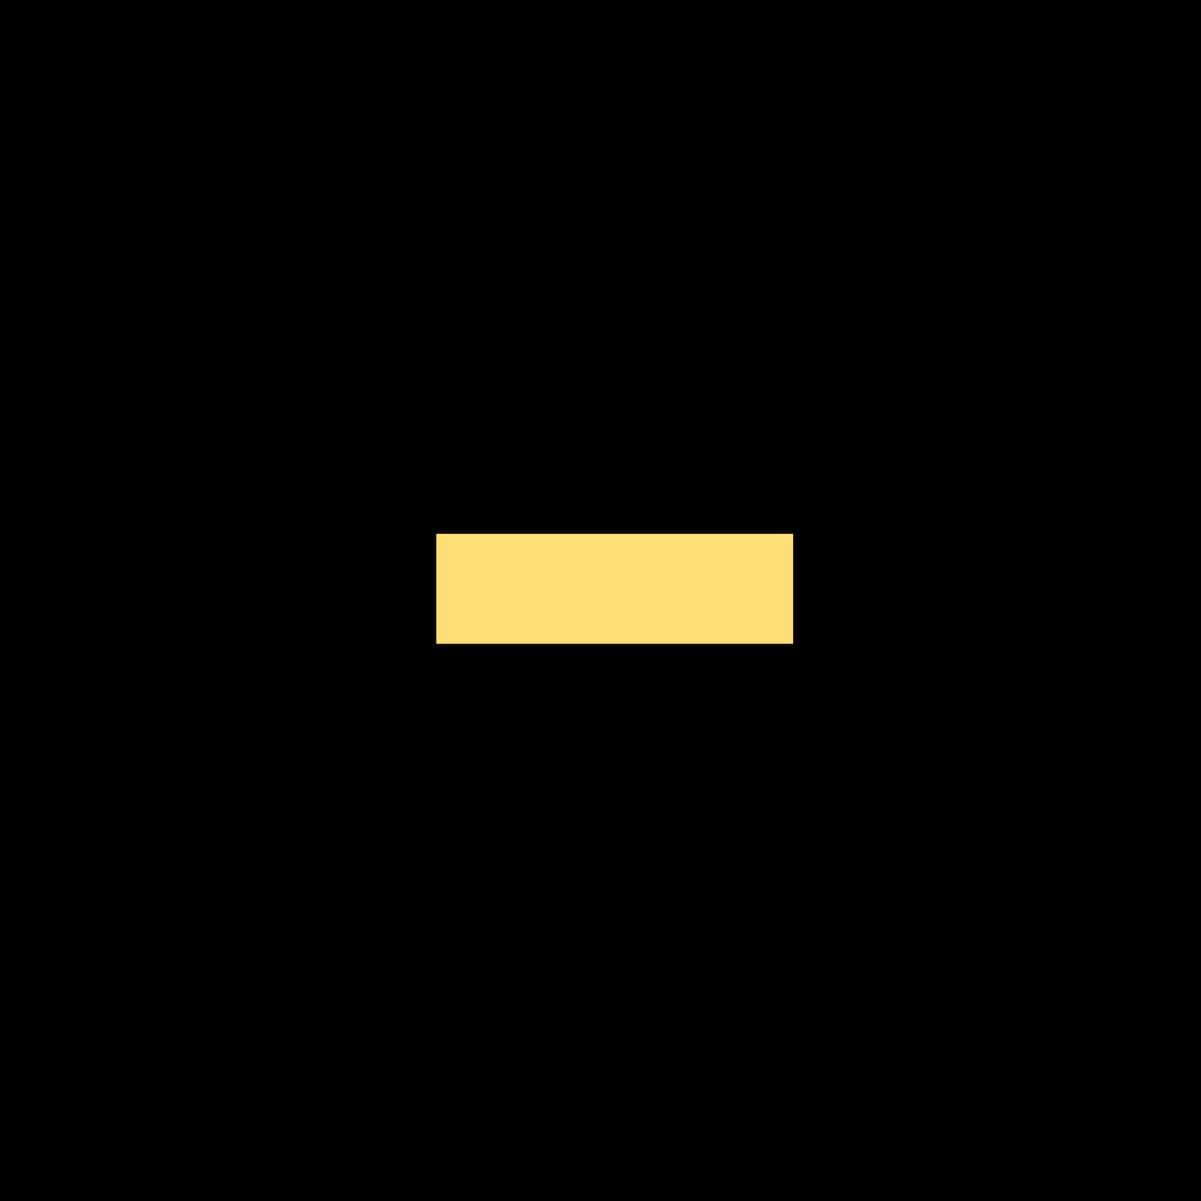 Schwarz -- Gelb